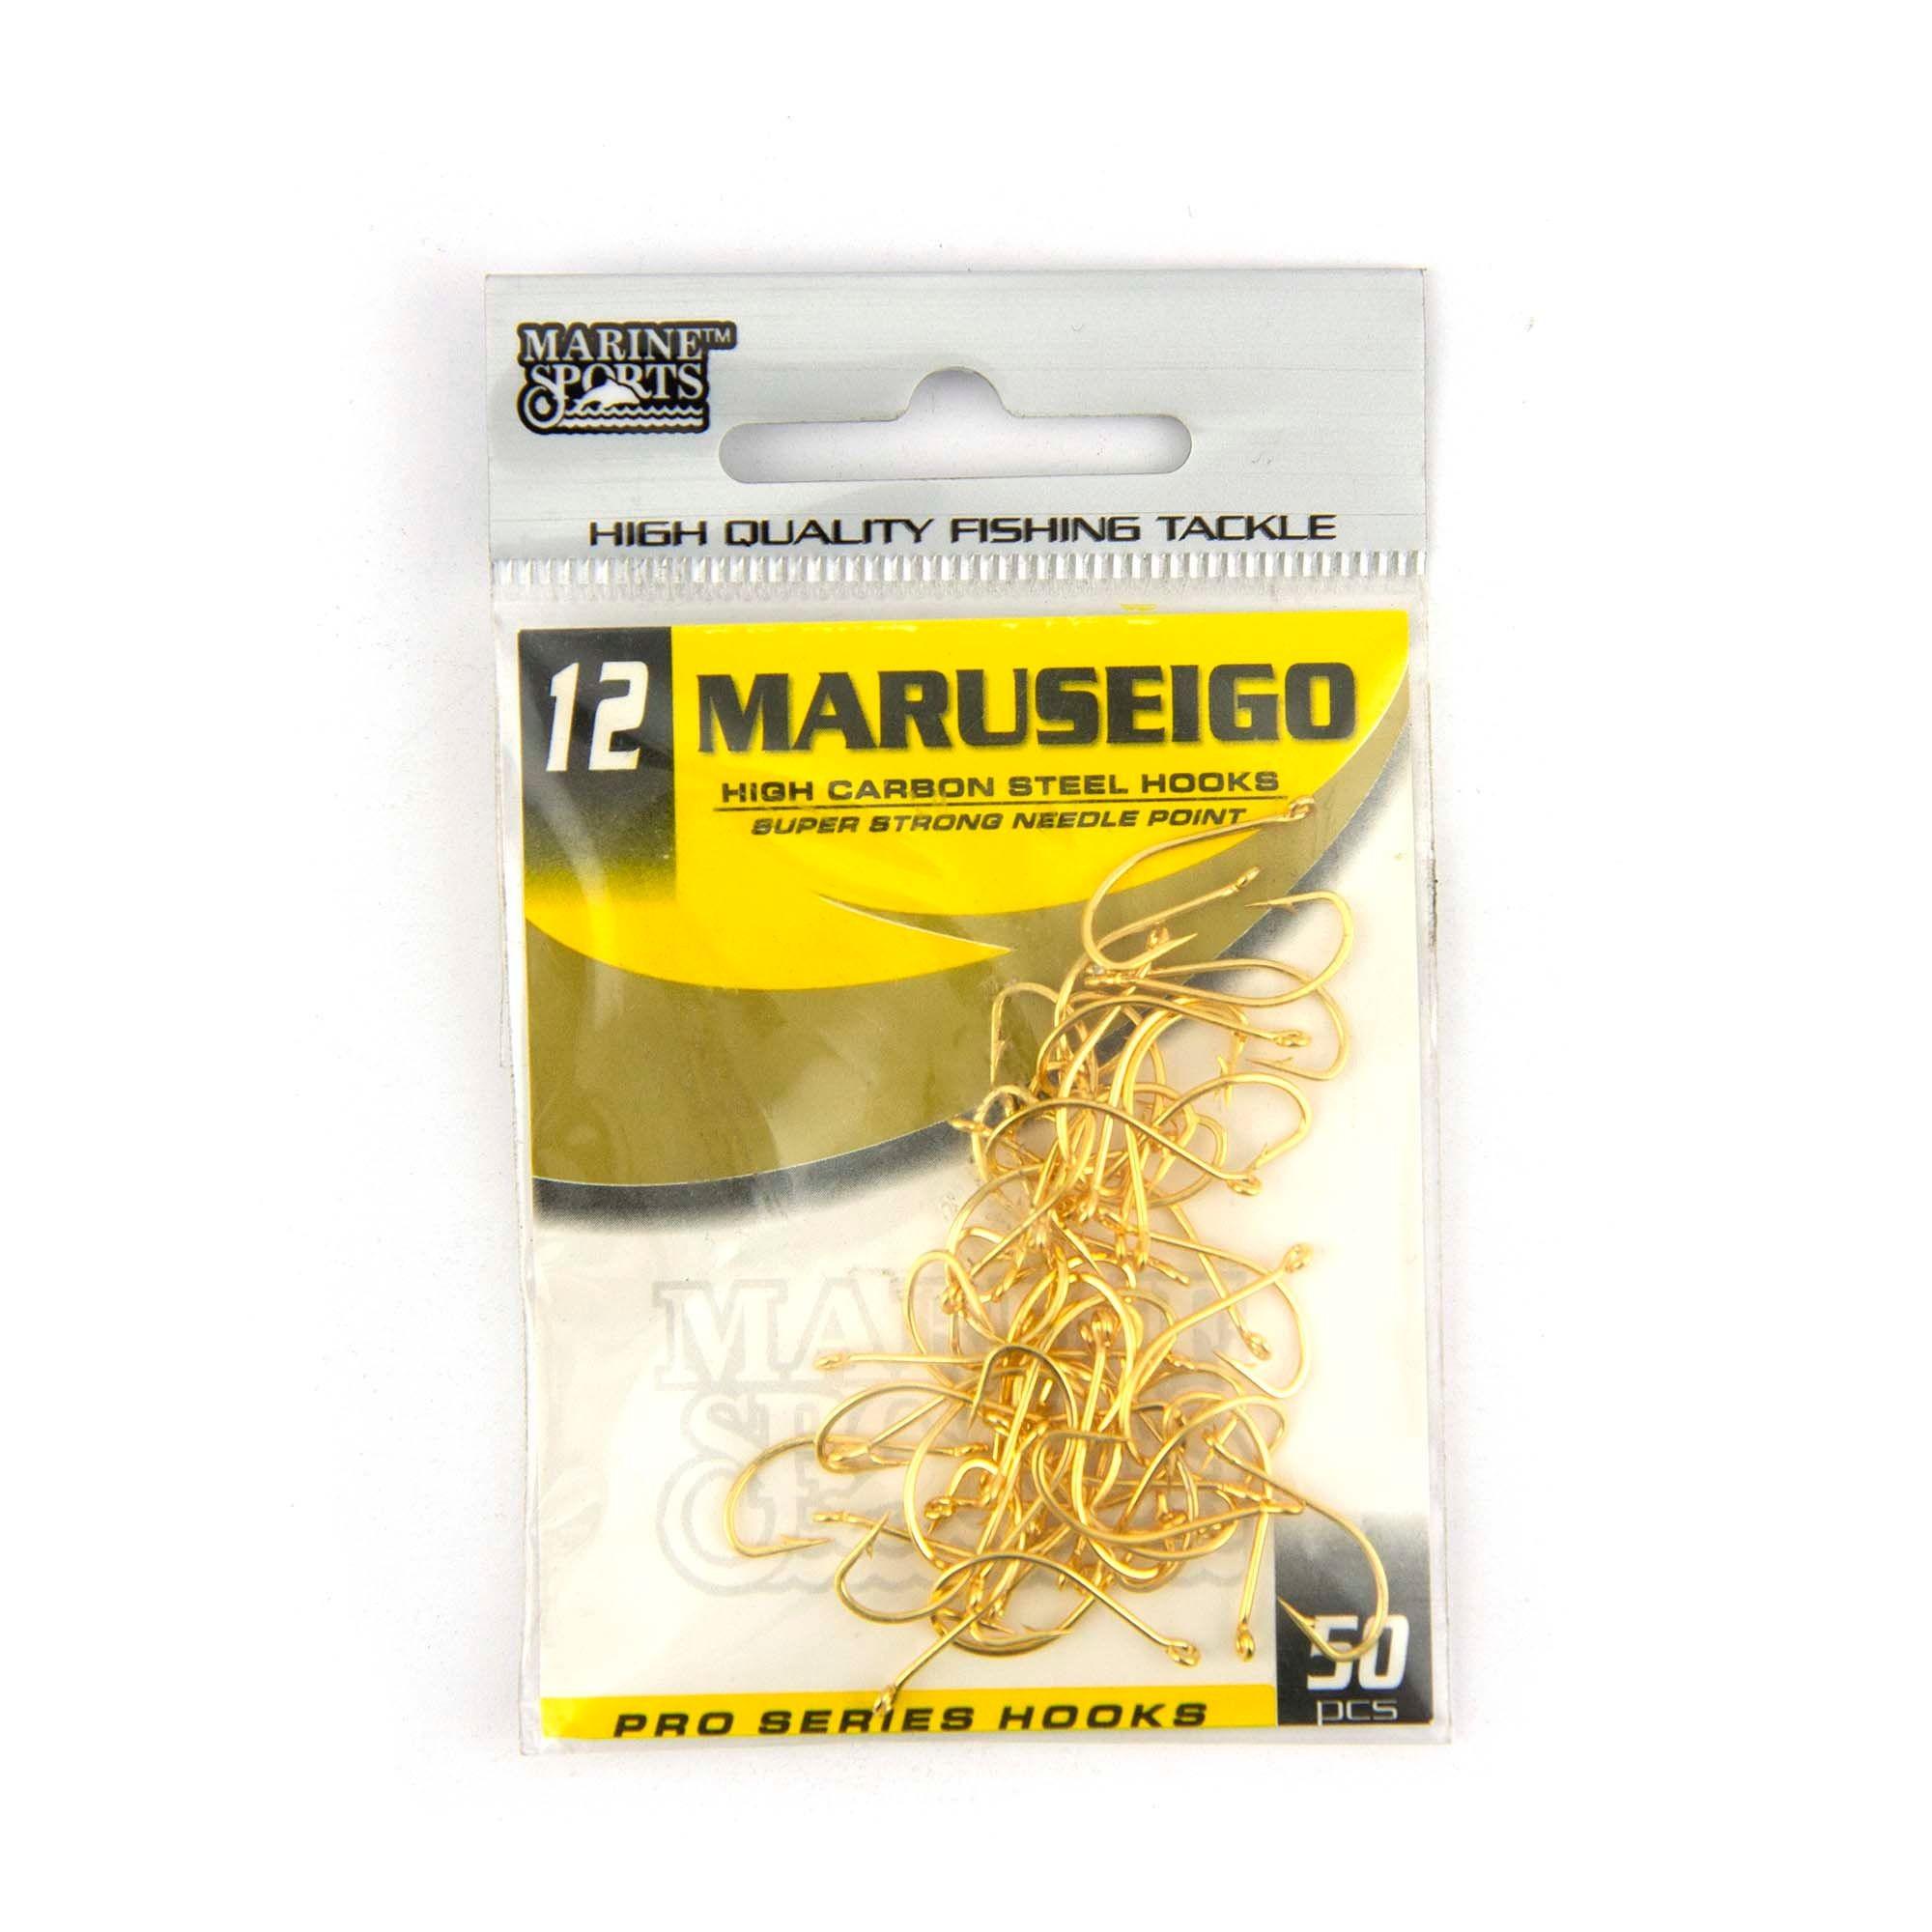 Anzol Maruseigo Gold nº 12 - 50 unidades  - Artpesca